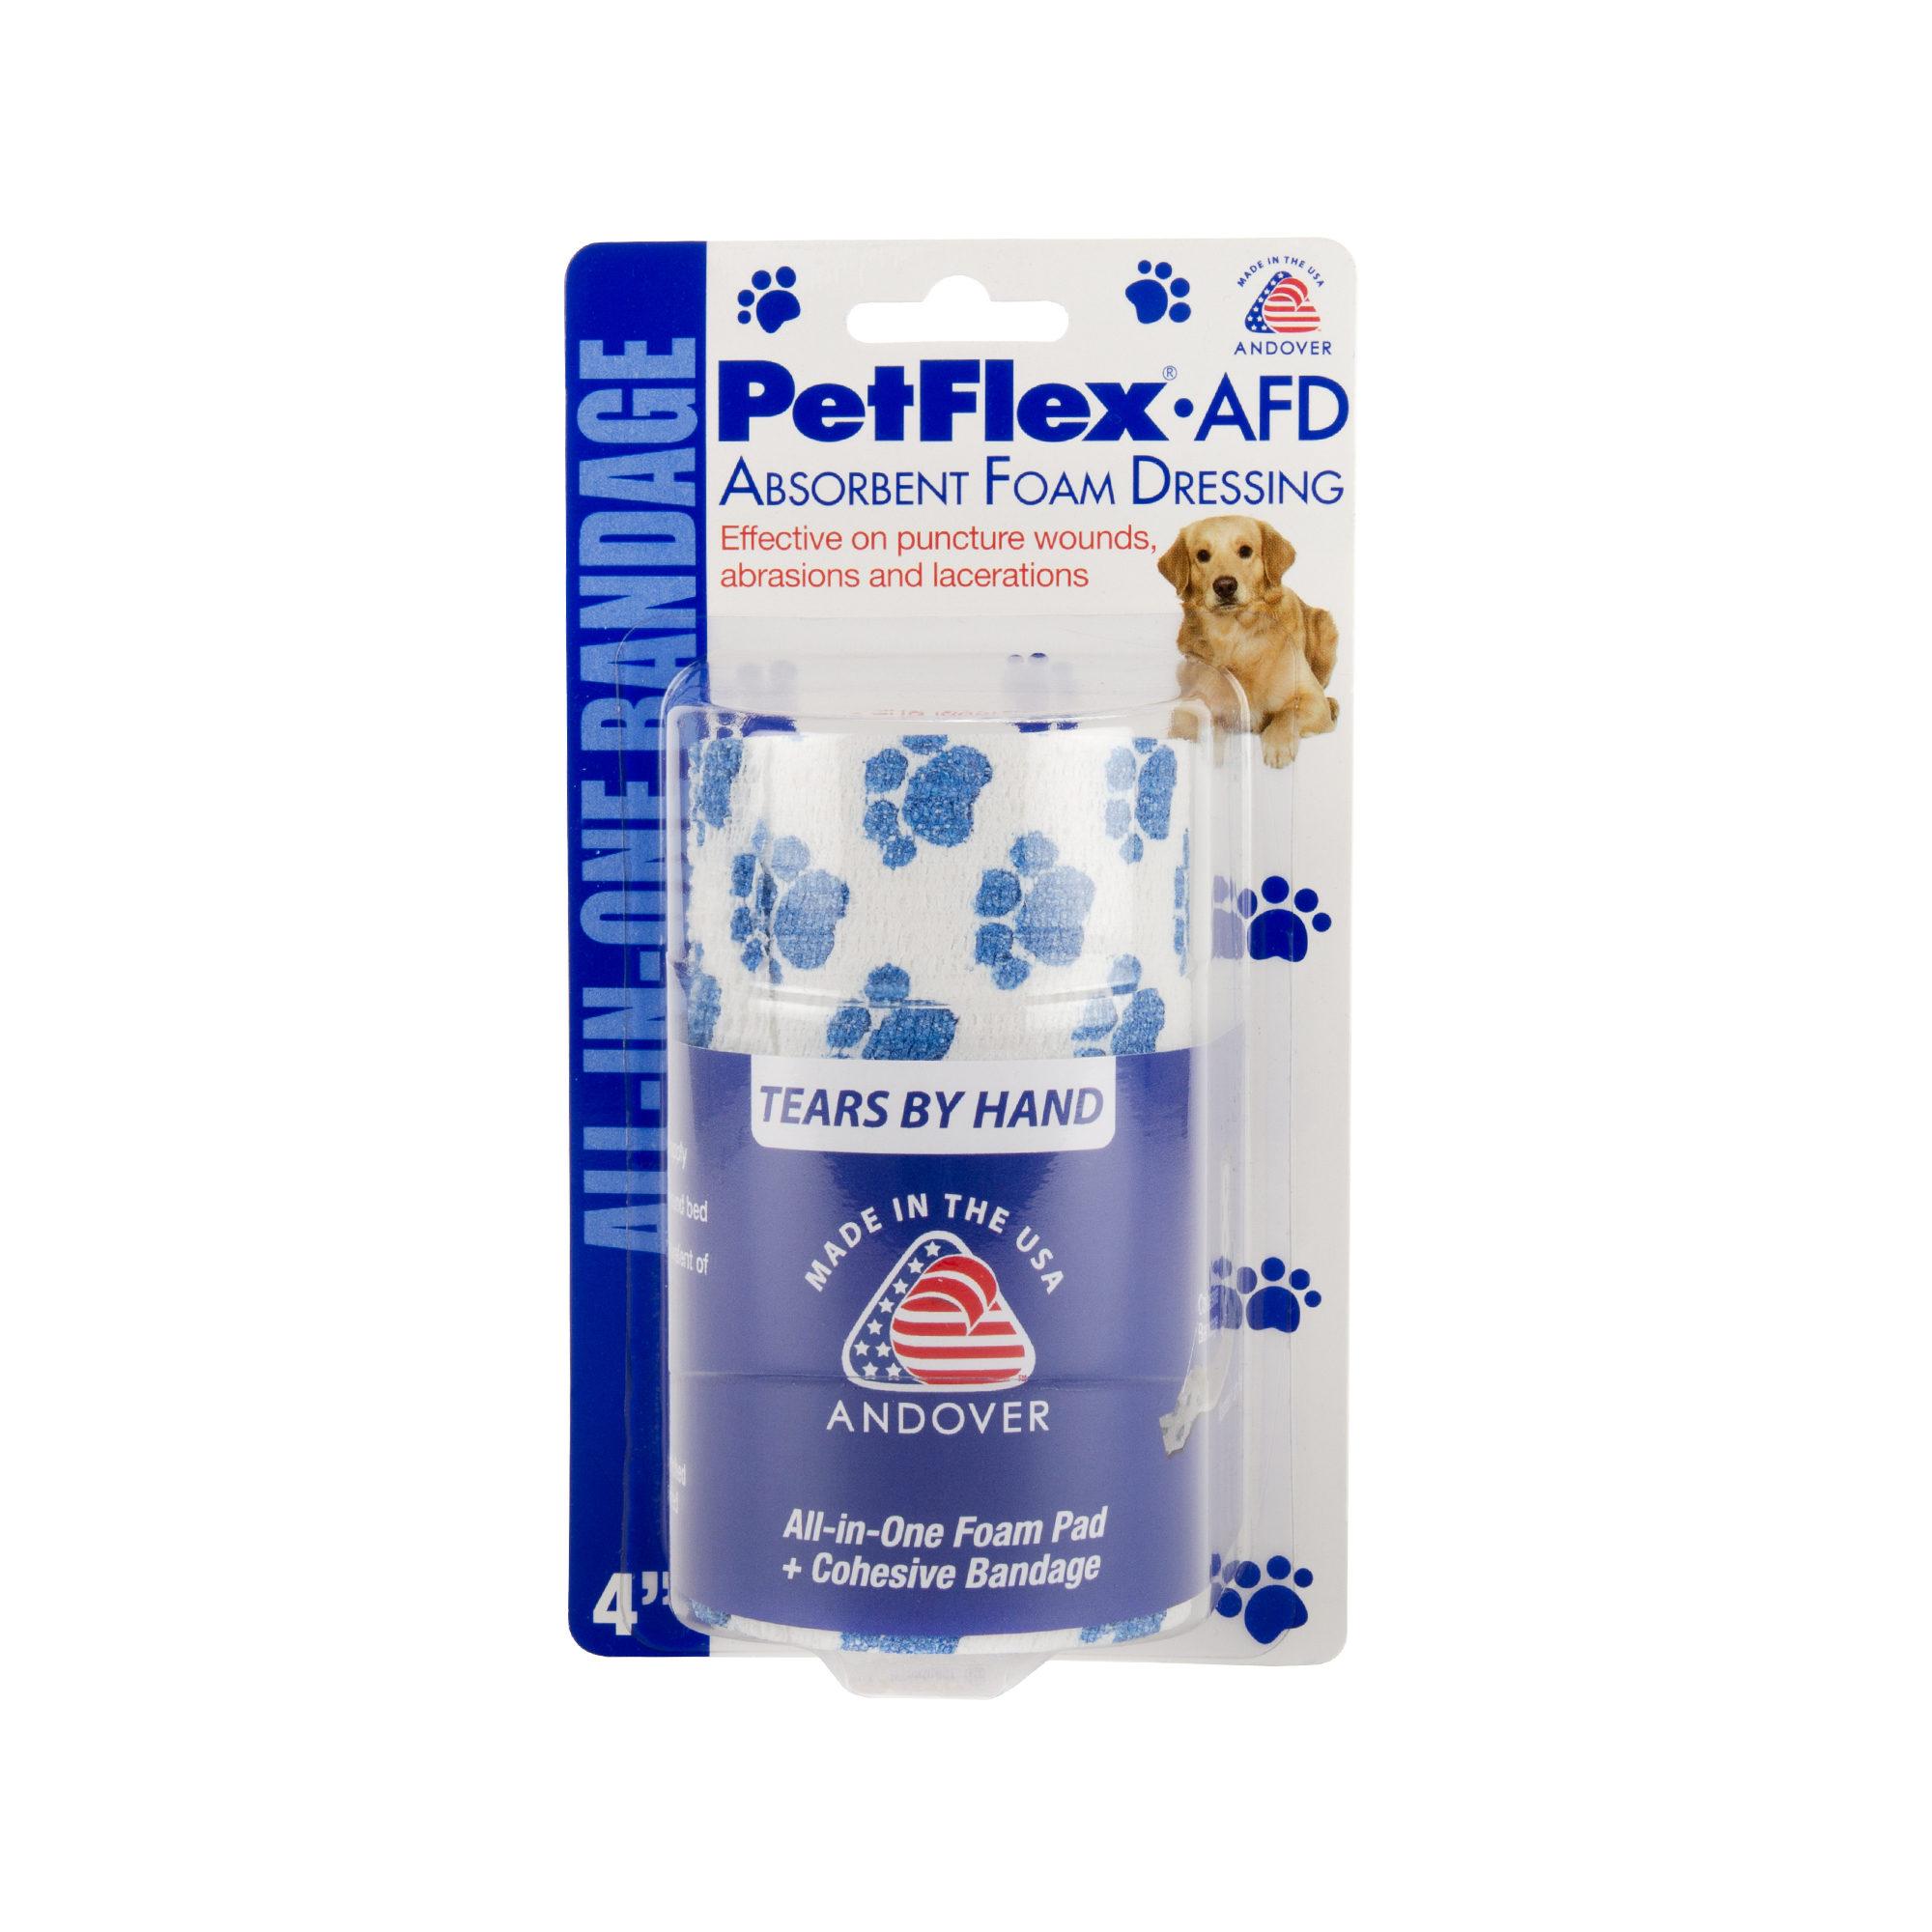 PetFlex AFD